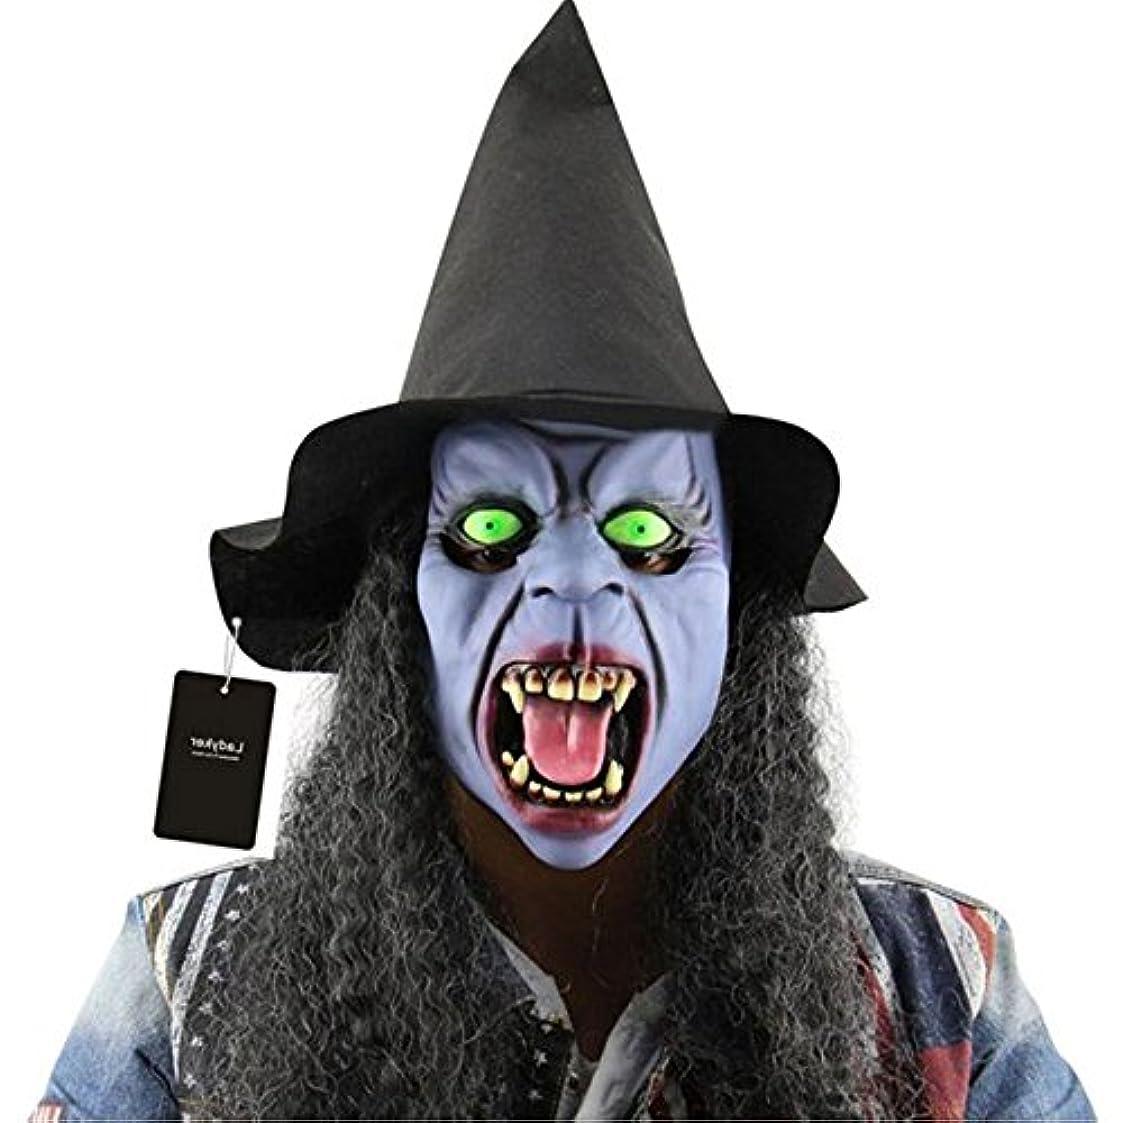 Auntwhale ハロウィーンマスク大人恐怖コスチューム、ホラー夜の魔女ファンシーマスカレードパーティハロウィンマスク、フェスティバル通気性ギフトヘッドマスク